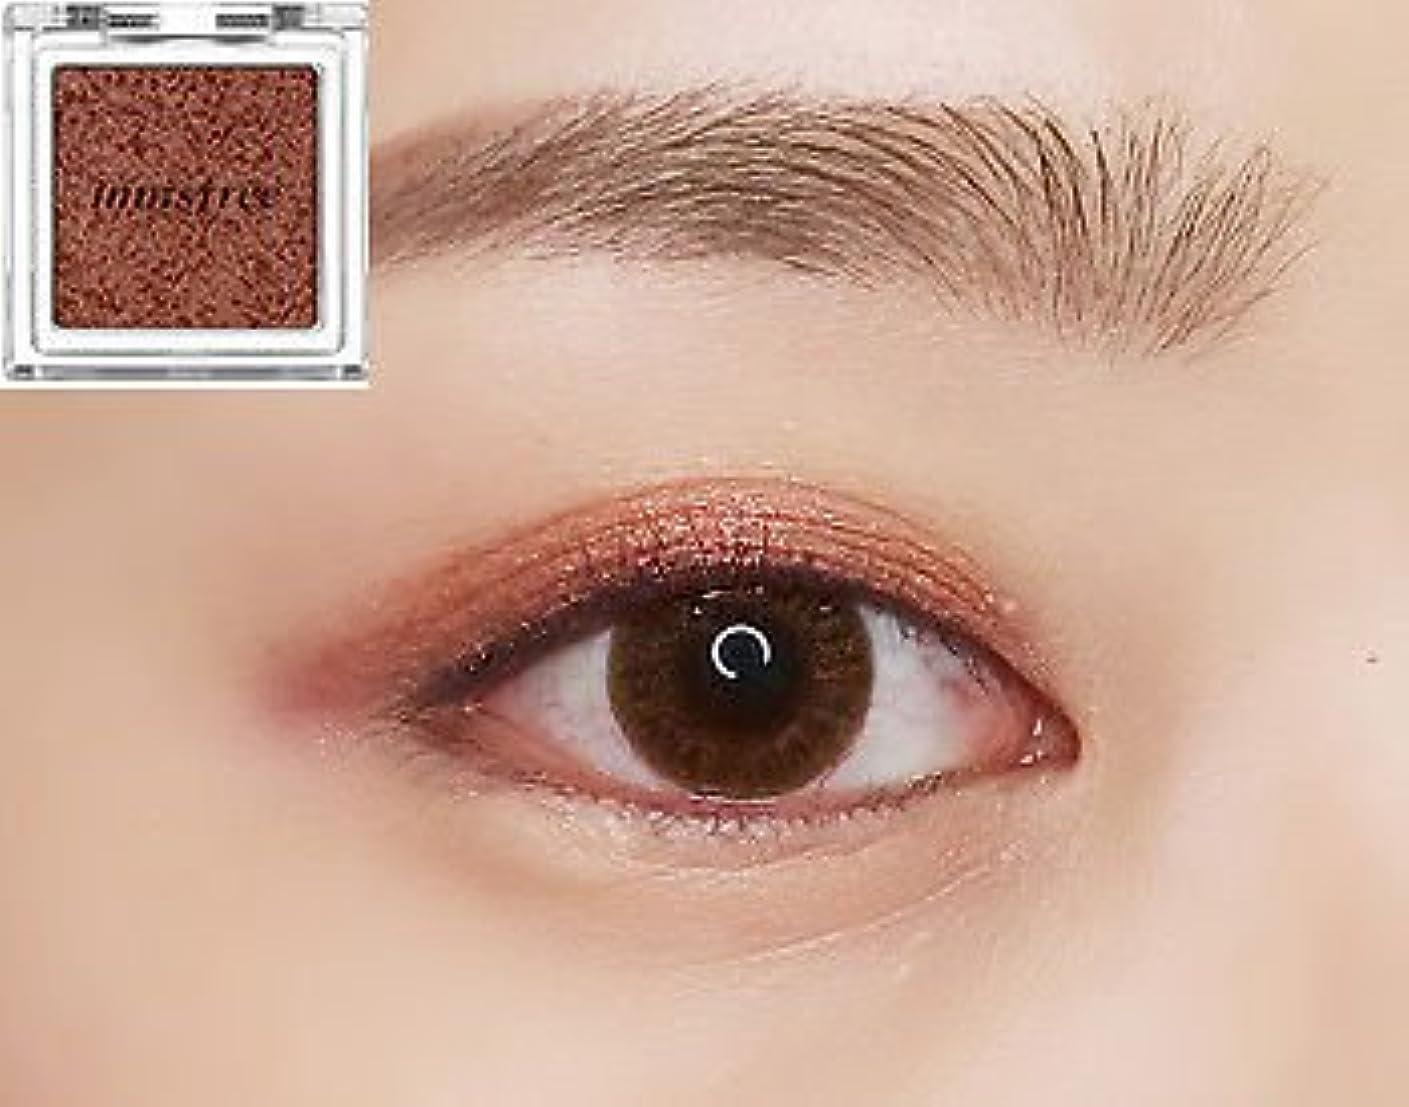 船上スプリット政治家[イニスフリー] innisfree [マイ パレット マイ アイシャドウ (グリッタ一) 25カラー] MY PALETTE My Eyeshadow (Glitter) 25 Shades [海外直送品] (グリッタ一 #13)